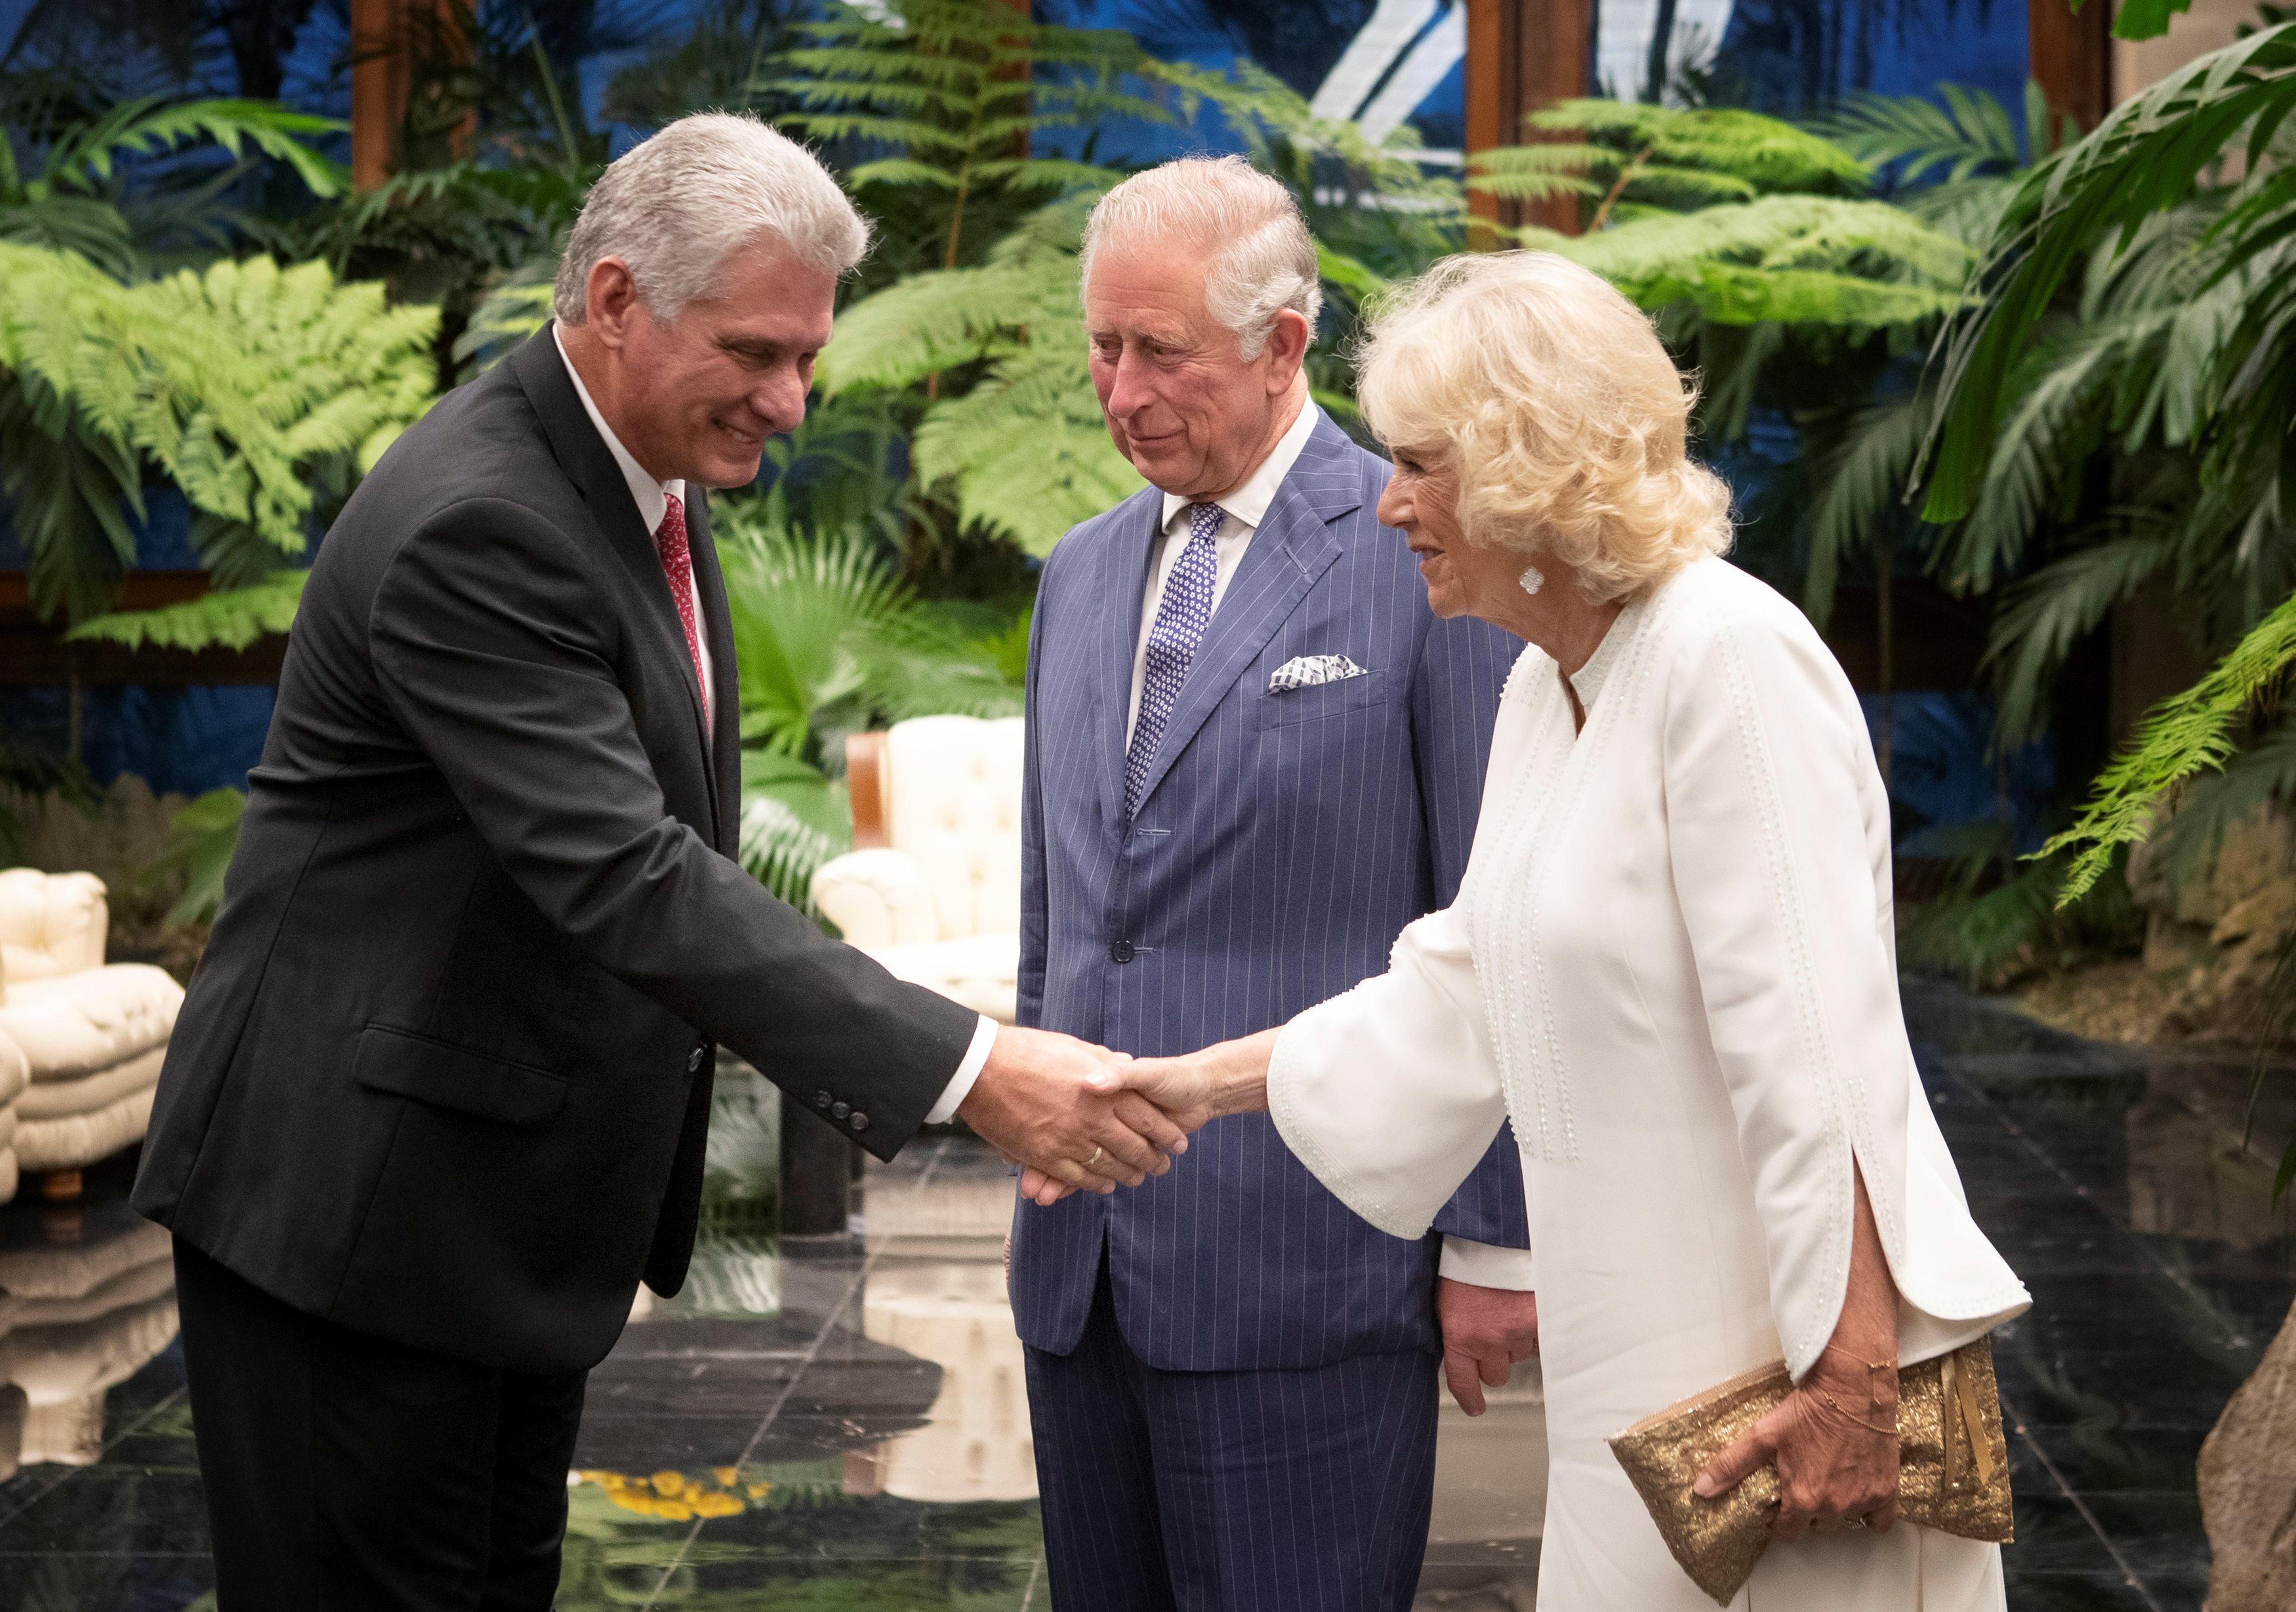 El presidente de Cuba, Miguel Díaz-Canel, recibió al príncipe Carlos y su esposa Camila durante su visita oficial a La Habana